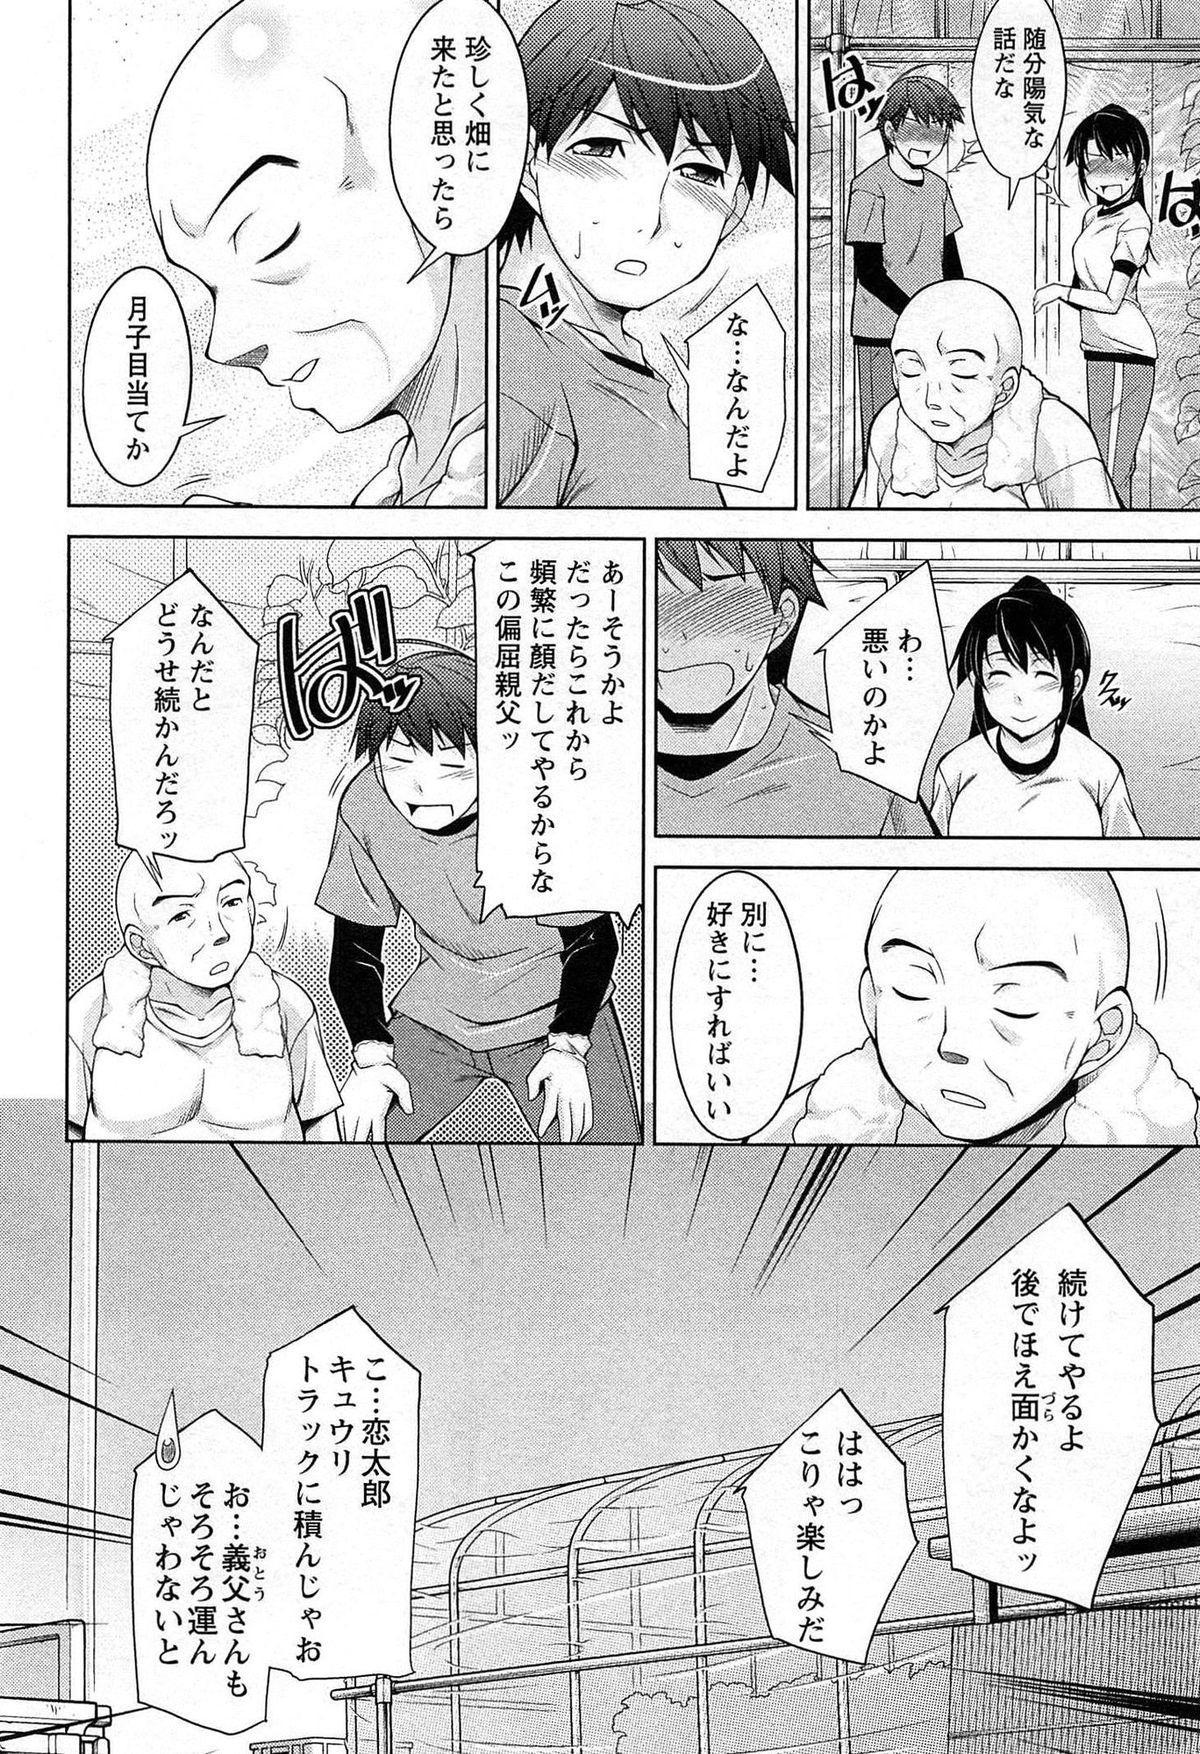 [zen9] Tsuki-wo Ai-Shite - Tsuki-ni Koi-shite 2 80